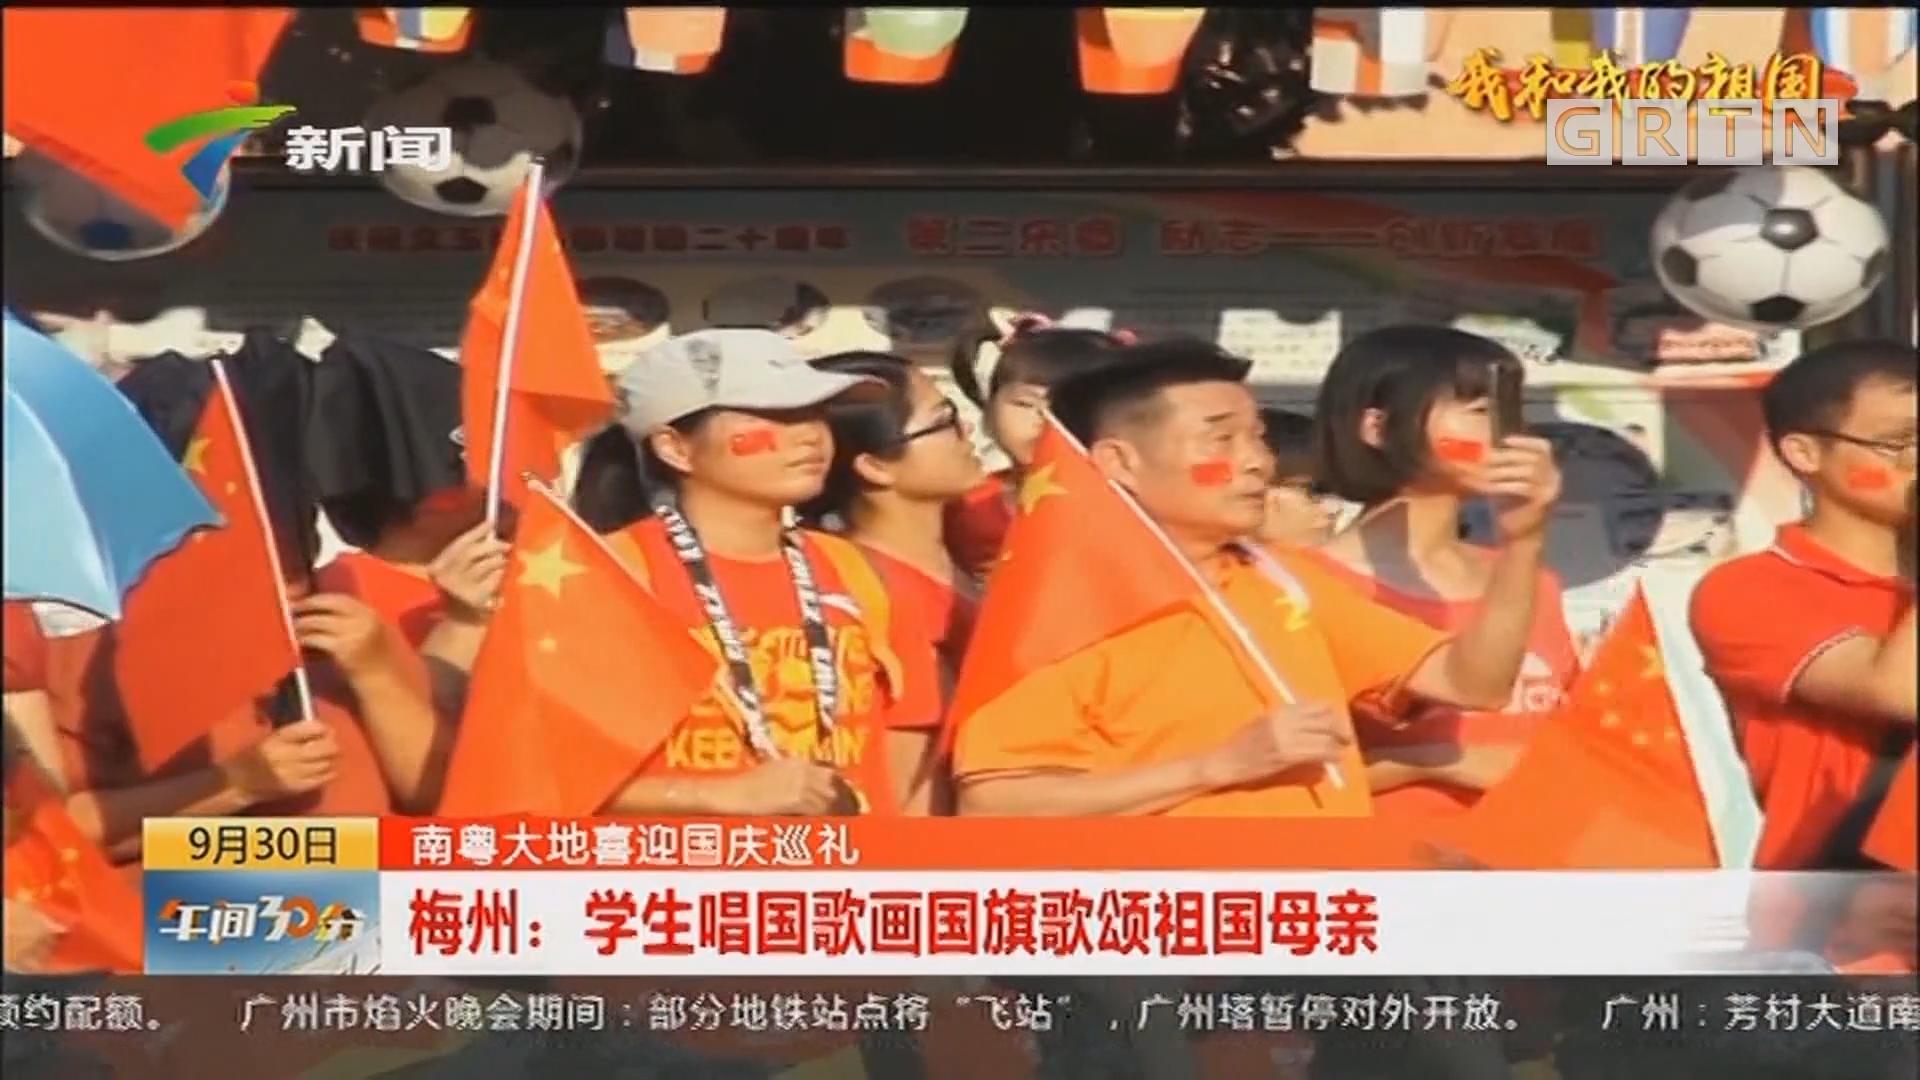 南粤大地喜迎国庆巡礼 梅州:学生唱国歌画国旗歌颂祖国母亲